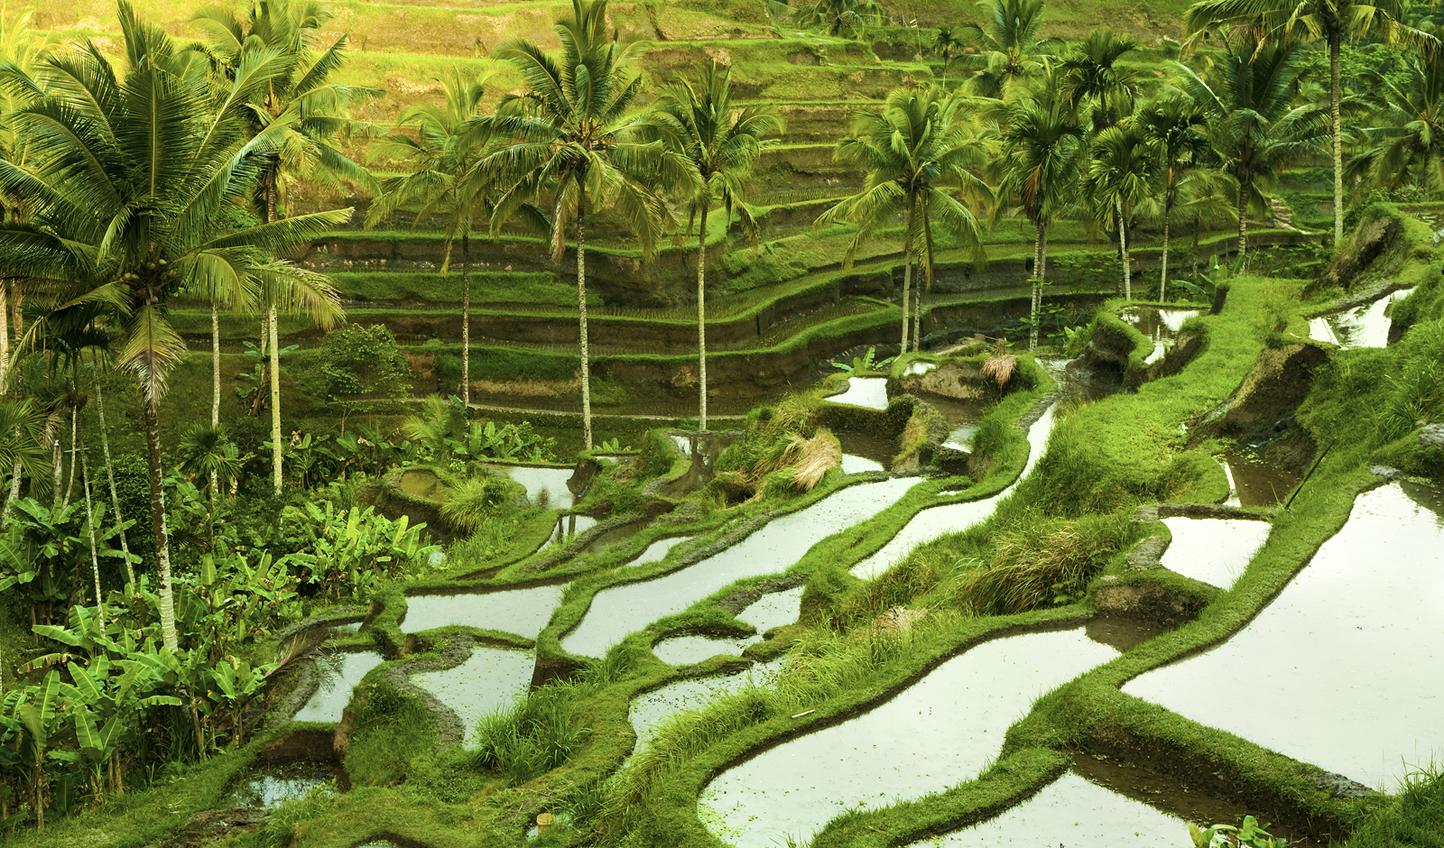 The verdant rice paddies of Ubud